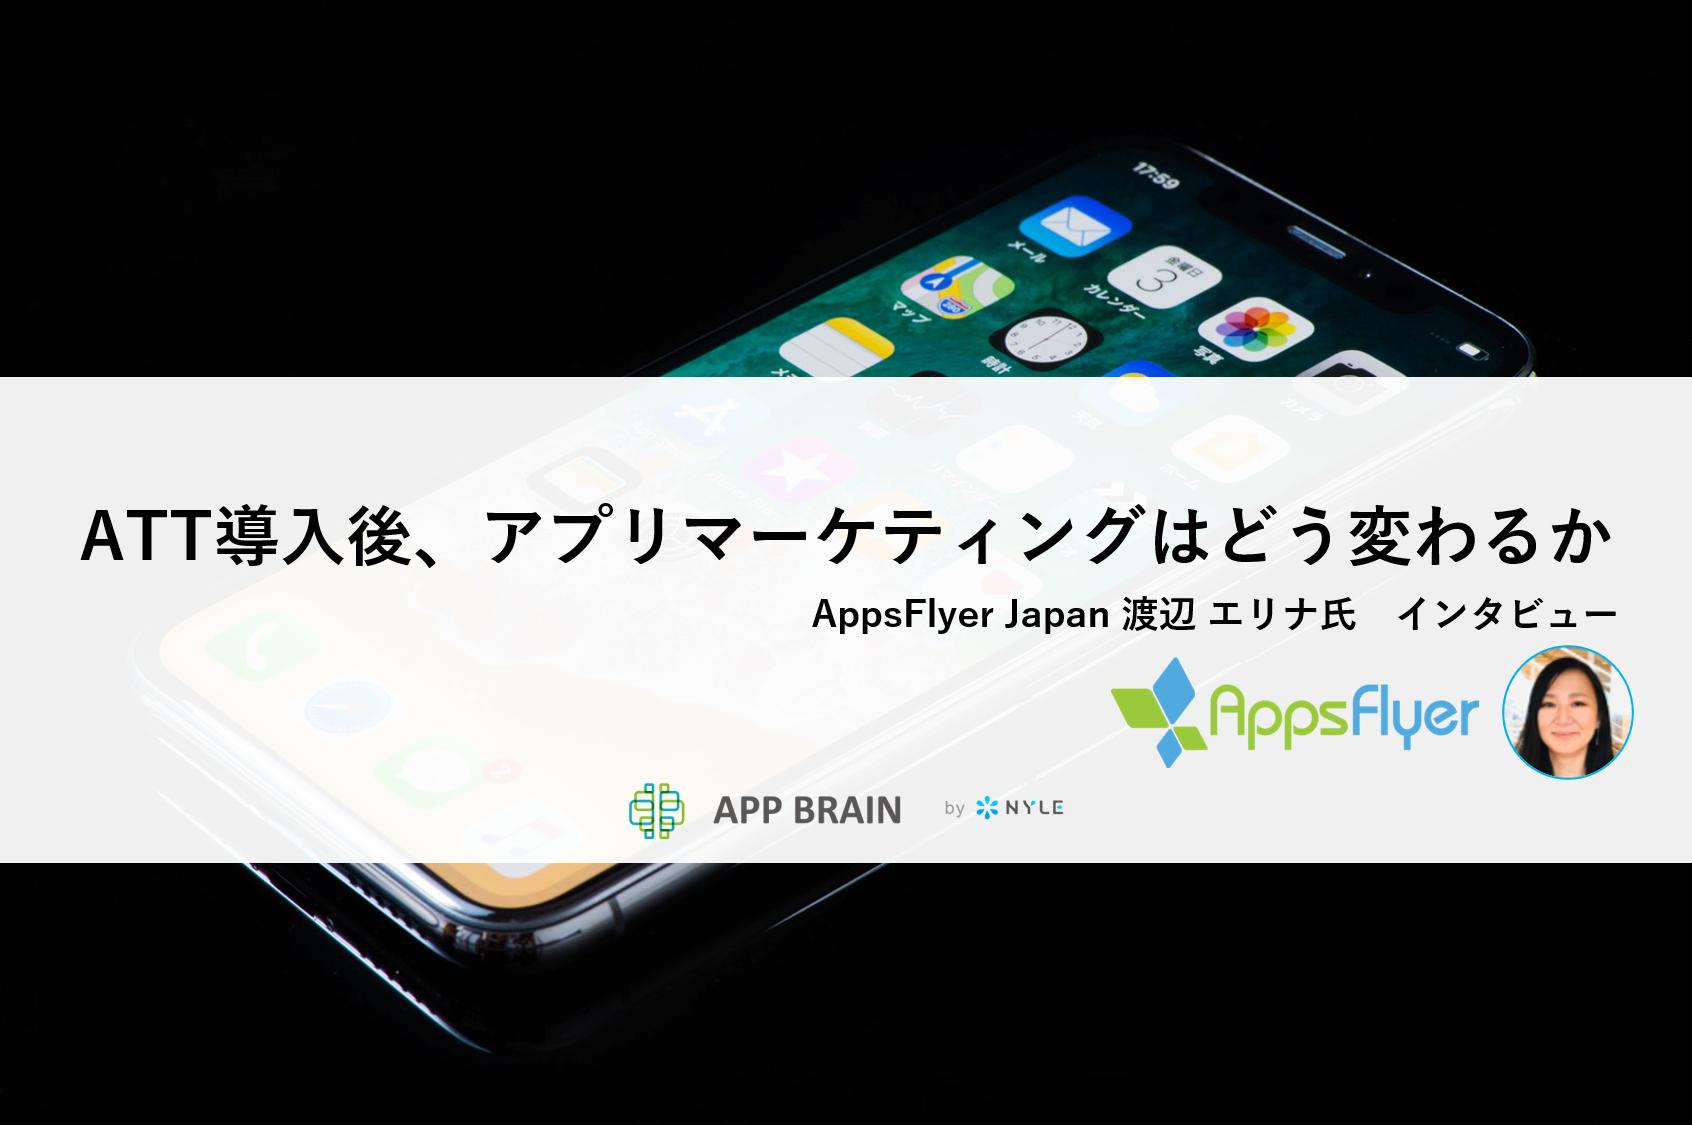 【AppsFlyer最新インタビュー】ATT導入後、アプリマーケティングはどう変わるか